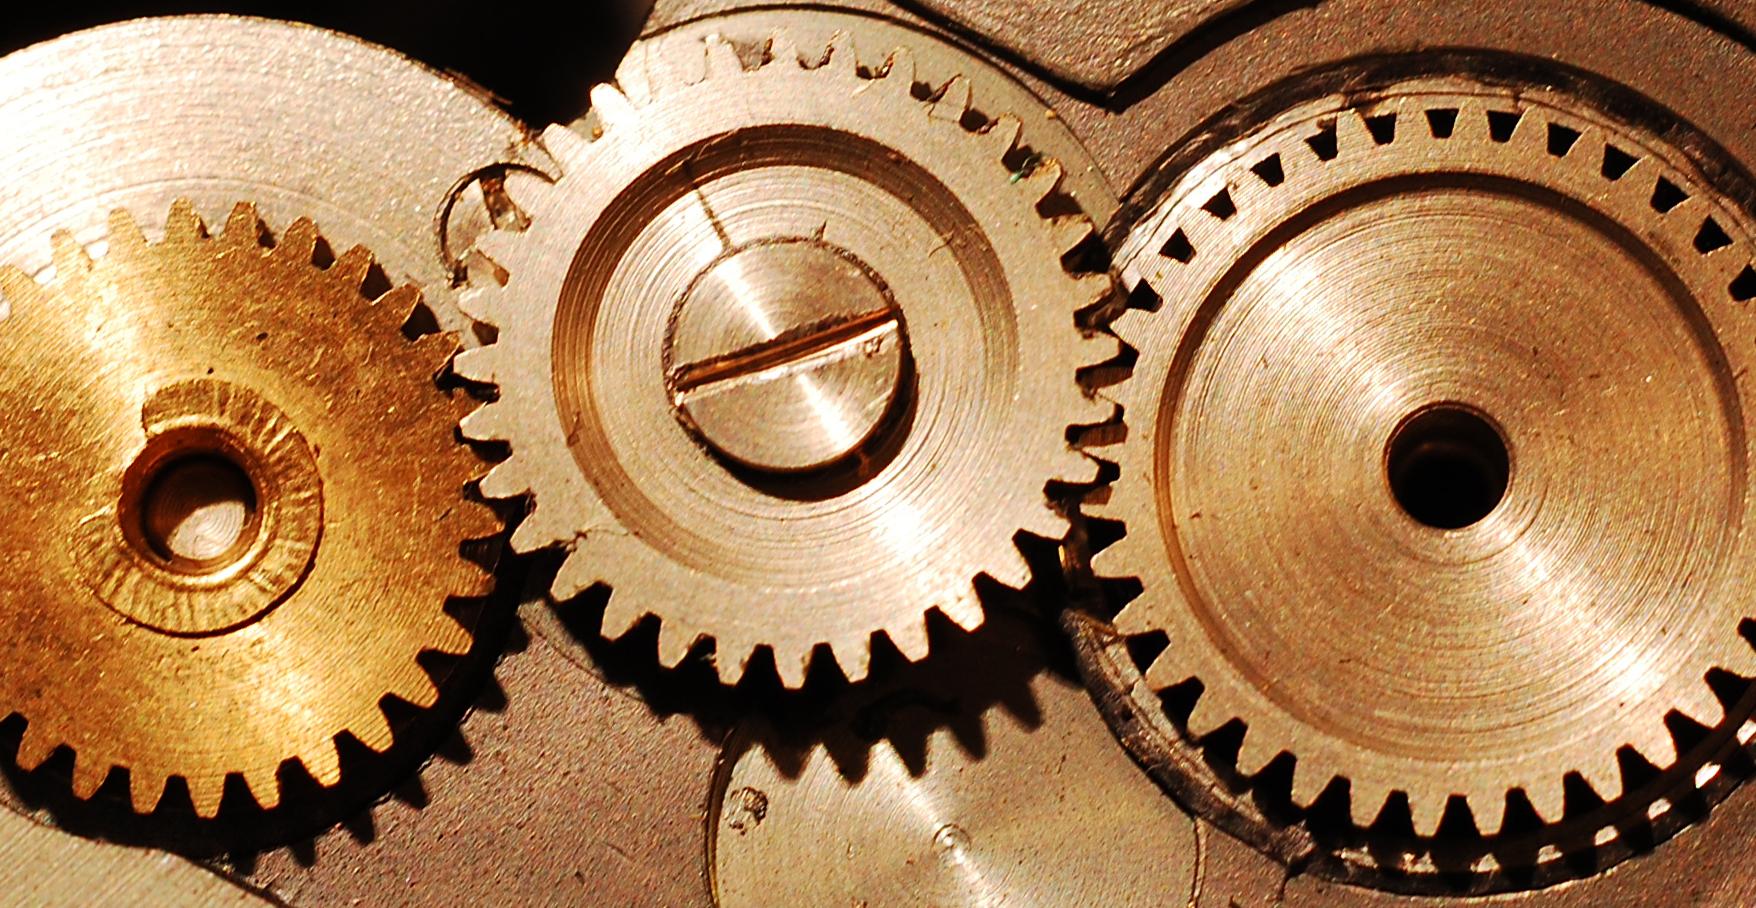 Gears2-Flickr-24938915323_32b01c49f7_o